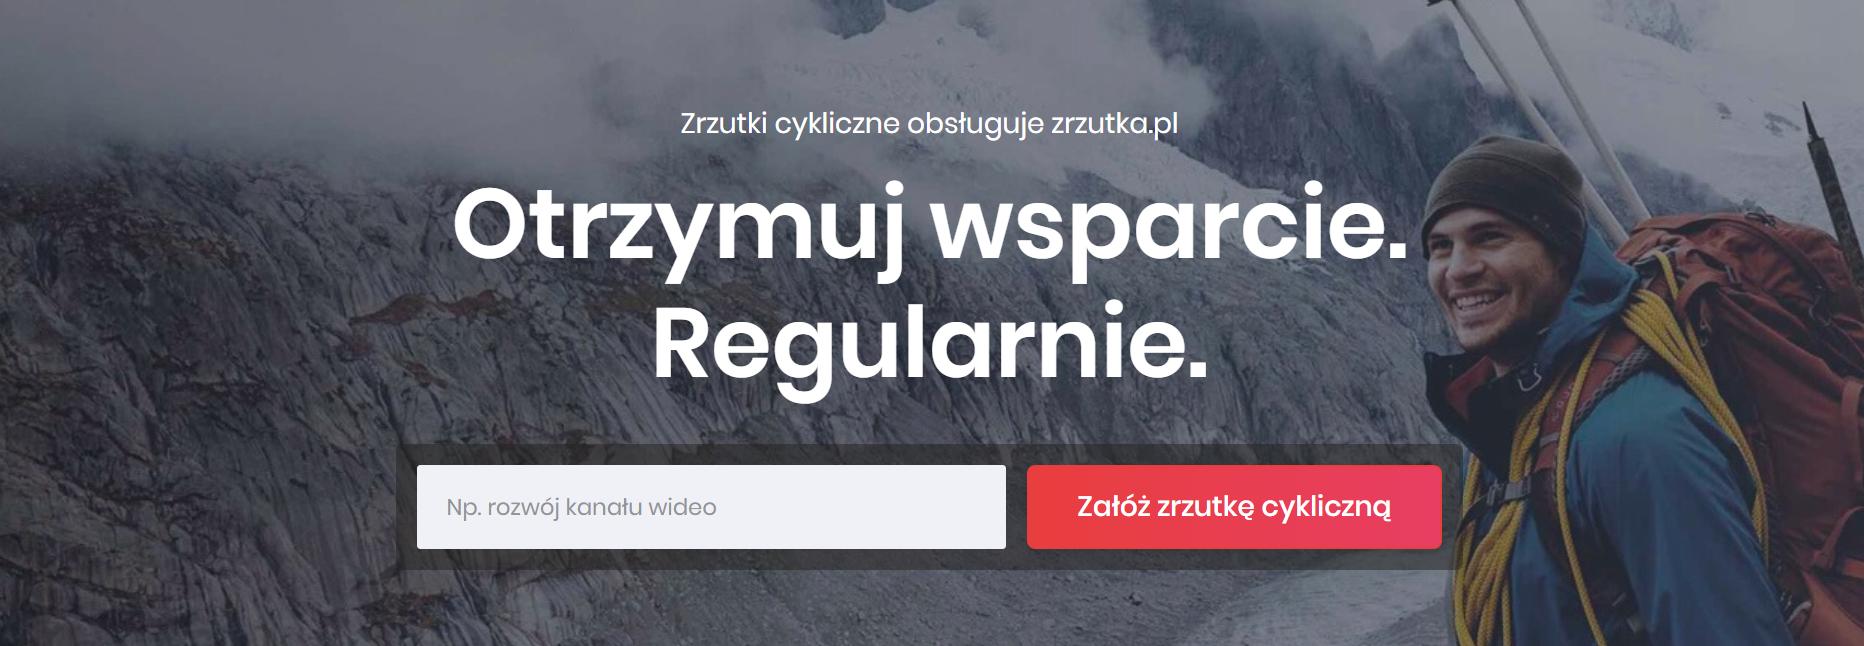 zrzutka_cykliczna